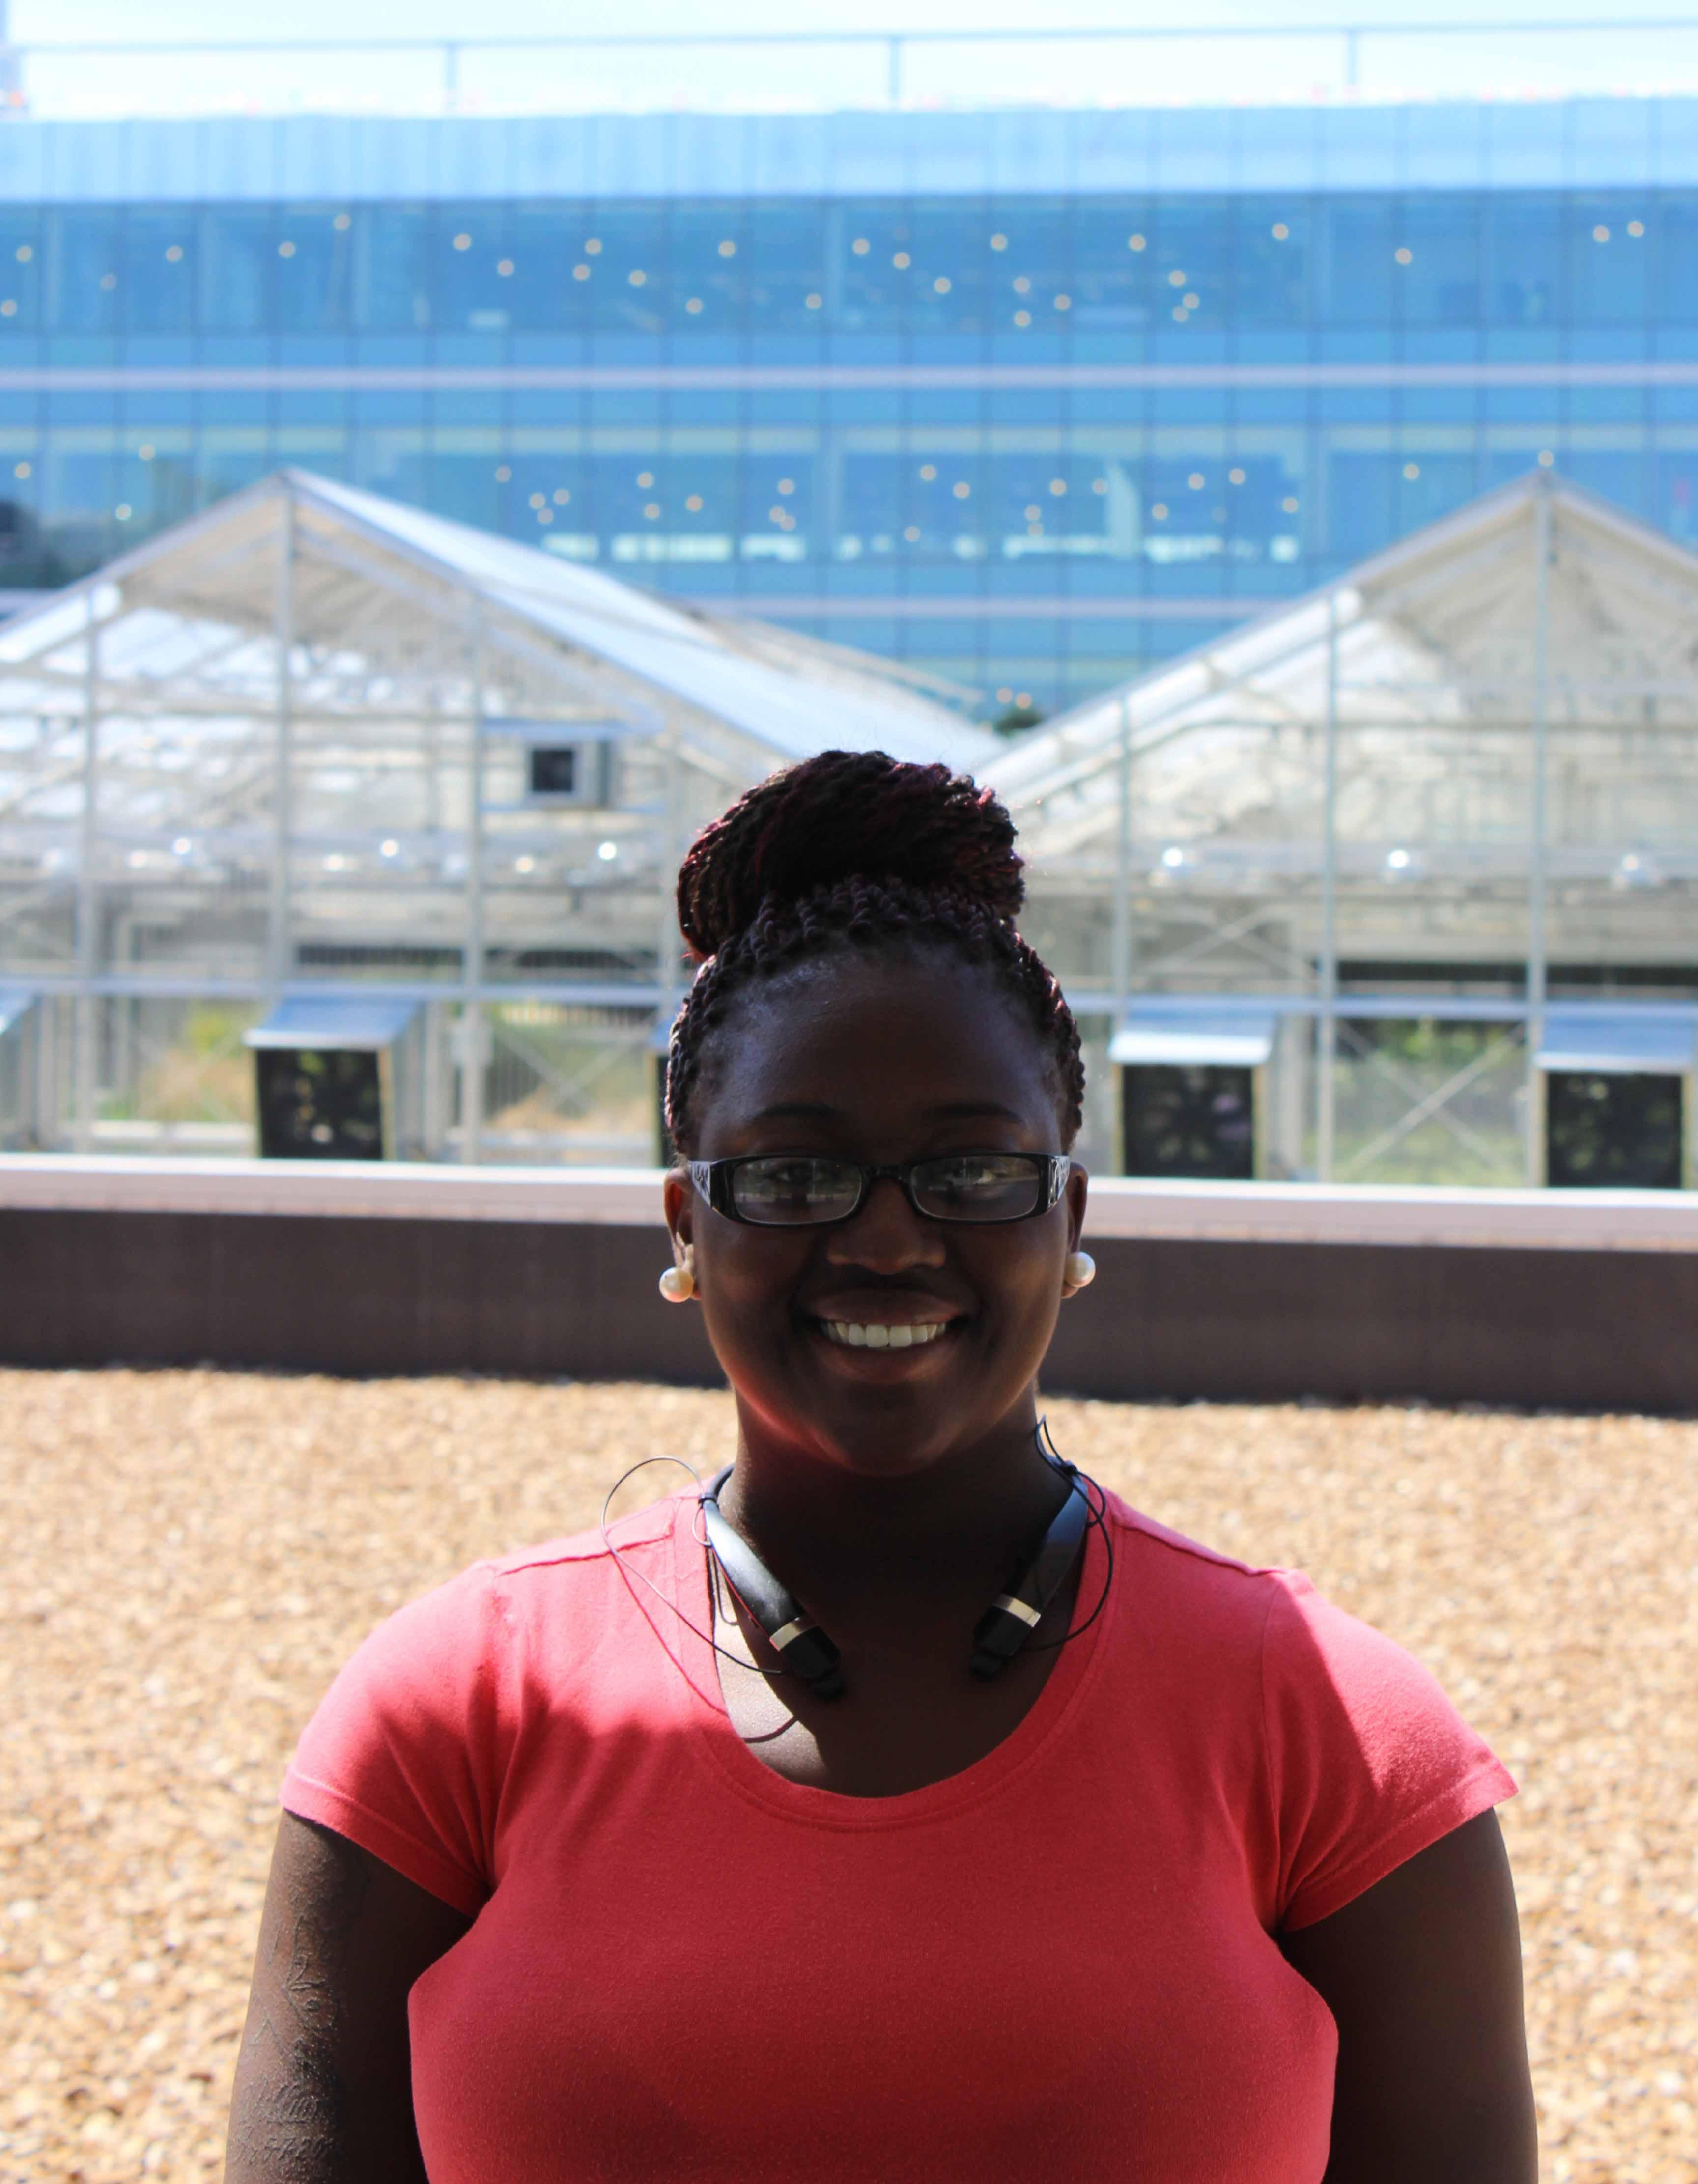 Quaneisha Woodford, 2015 REU student